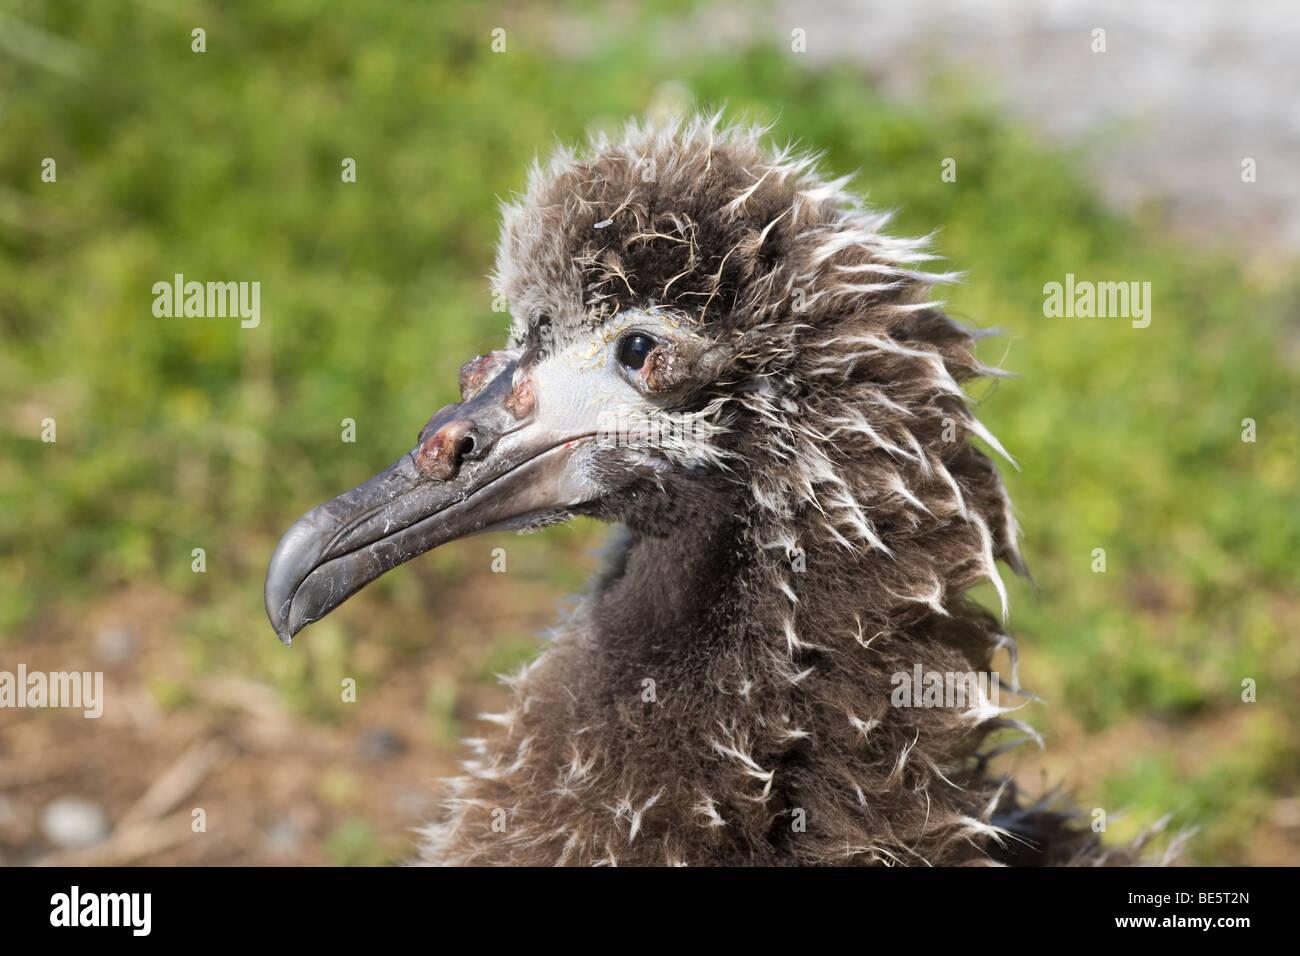 Vogelgrippe Pox Krankheit in einem Laysan Albatros Küken (Phoebastria Immutabilis) Stockbild